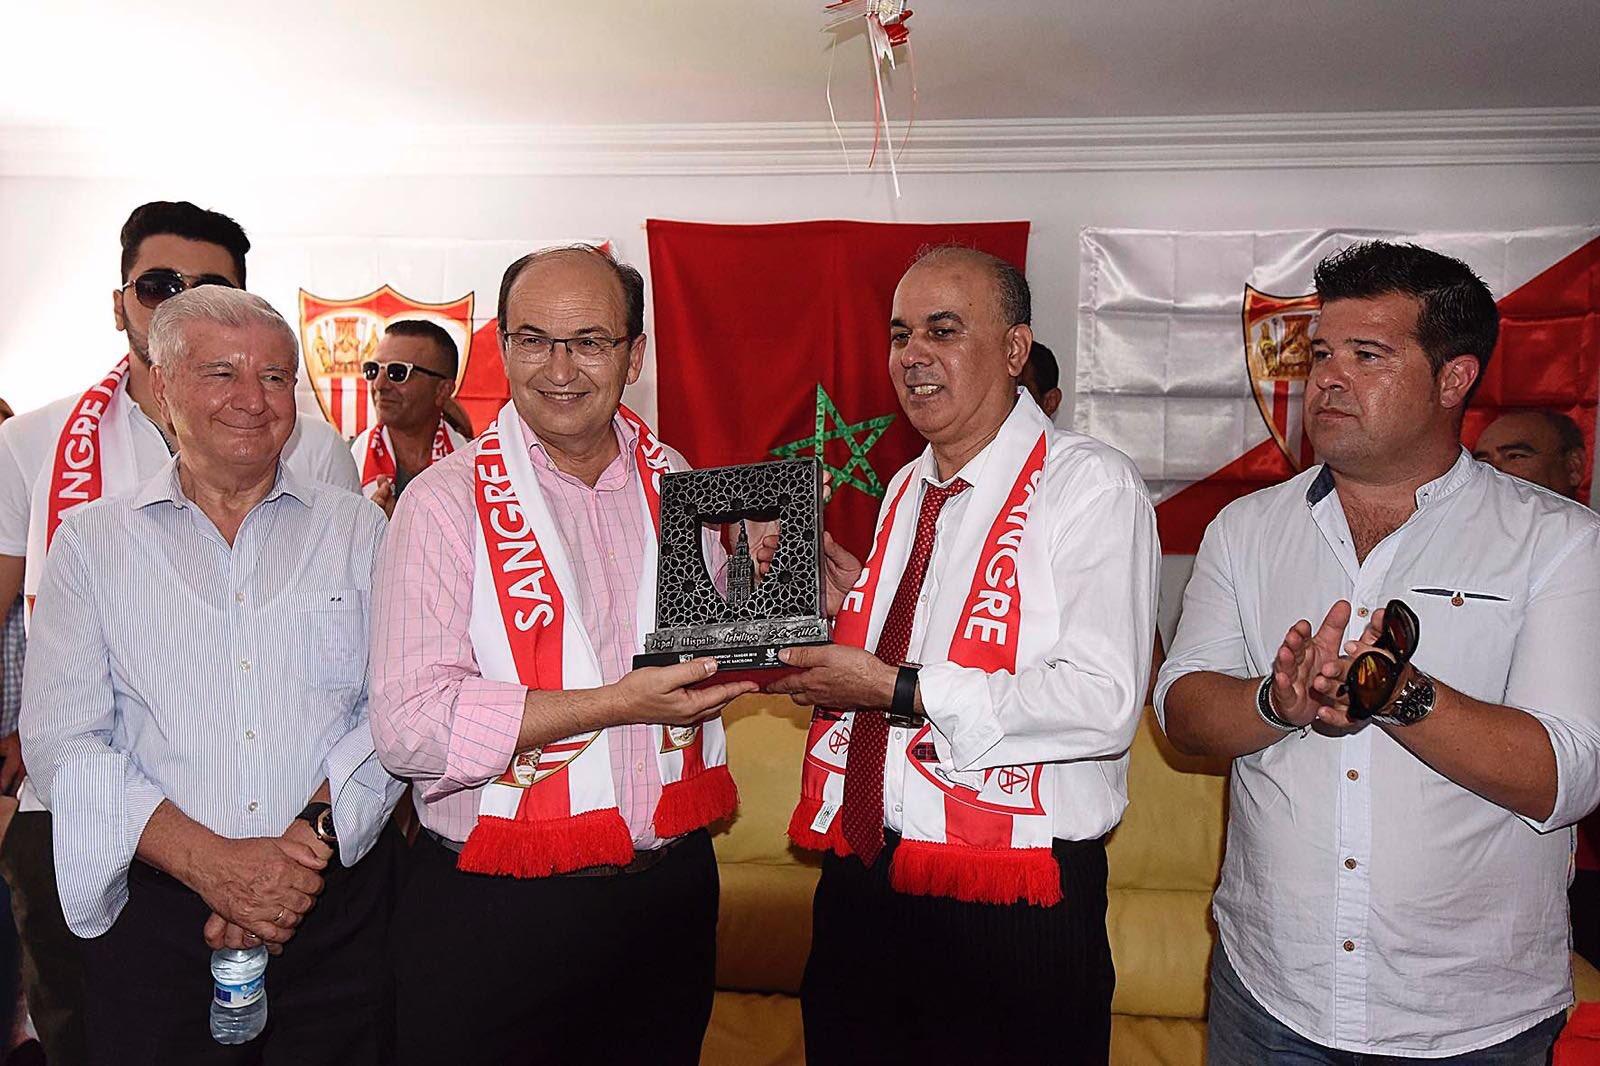 جمعية محبي 'إشبيلية' يستقبلون رئيس النادي الاسباني بطنجة